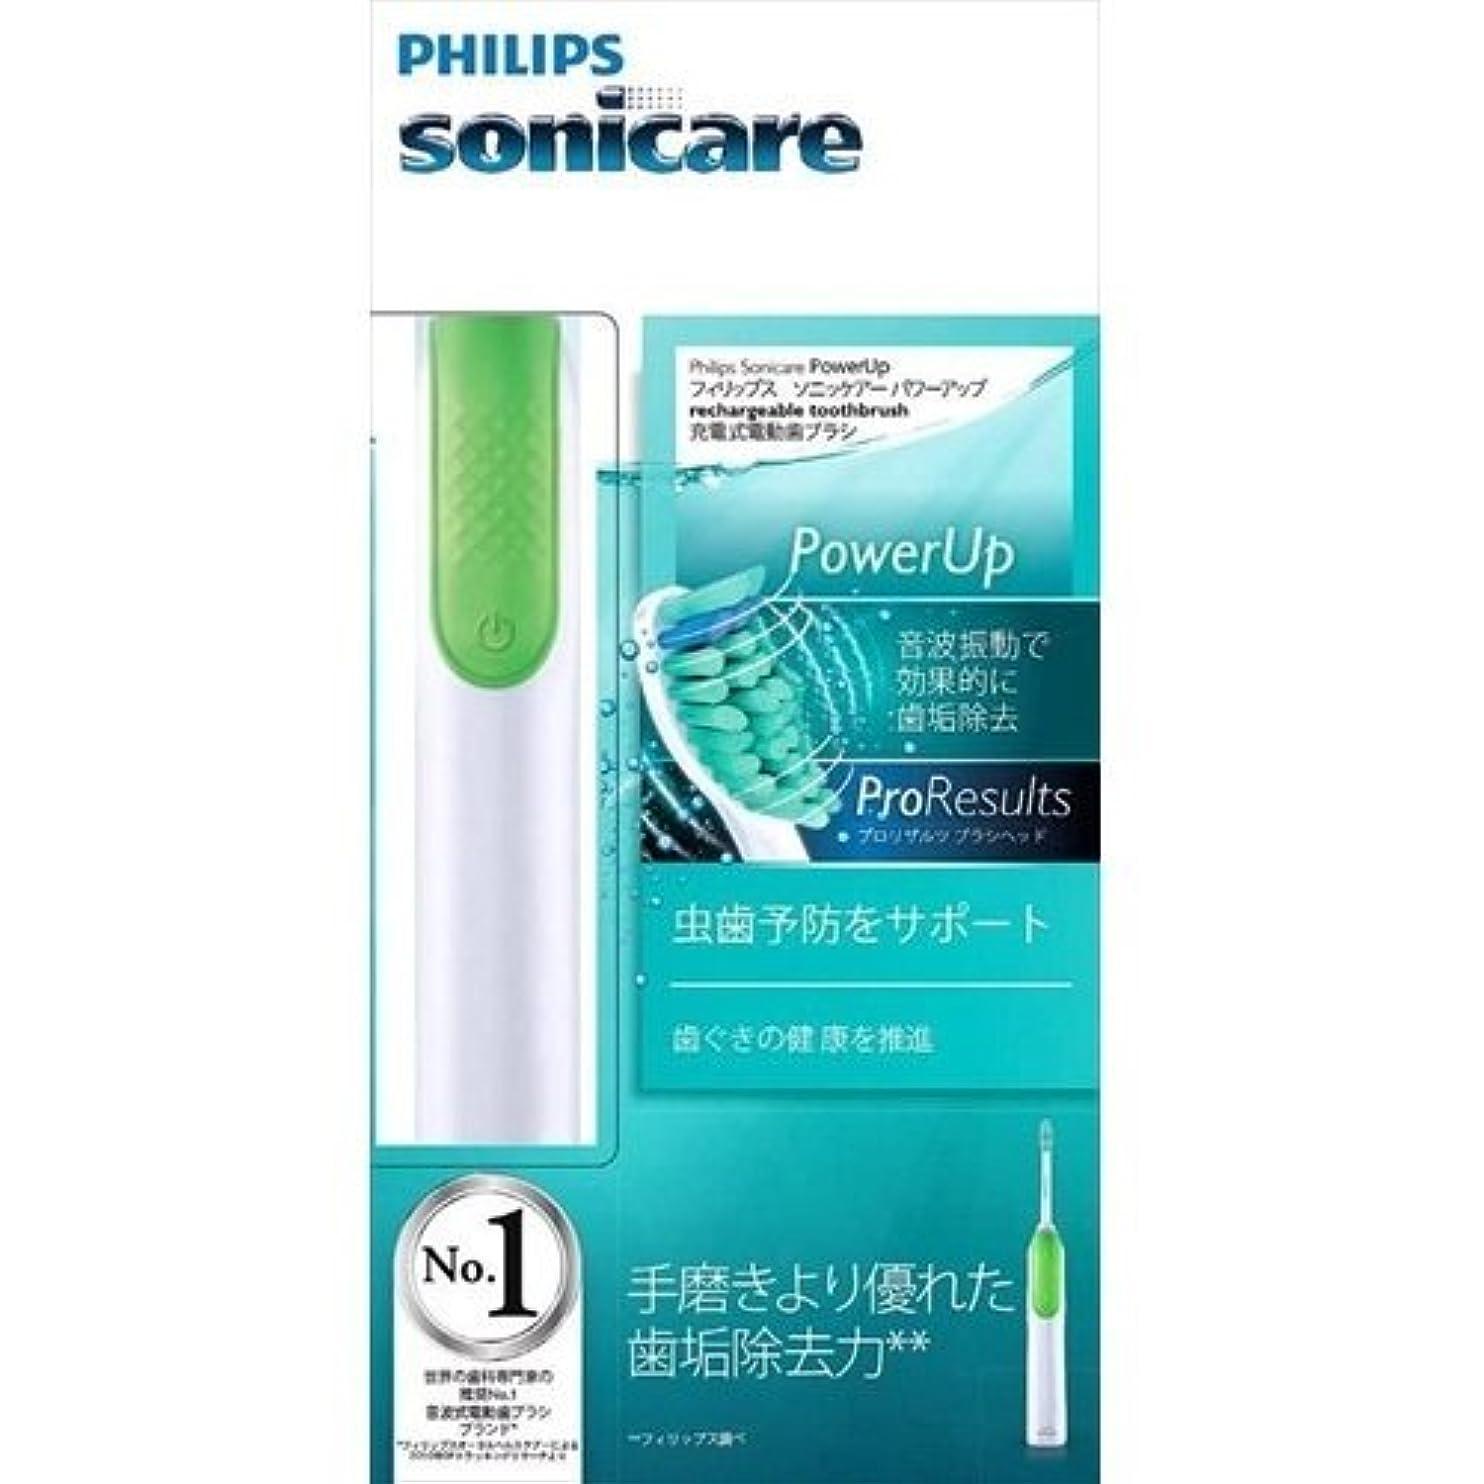 検出器背が高い服を片付けるPHILIPS Sonicare(ソニッケアー)パワーアップ音波式電動歯ブラシ HX3110